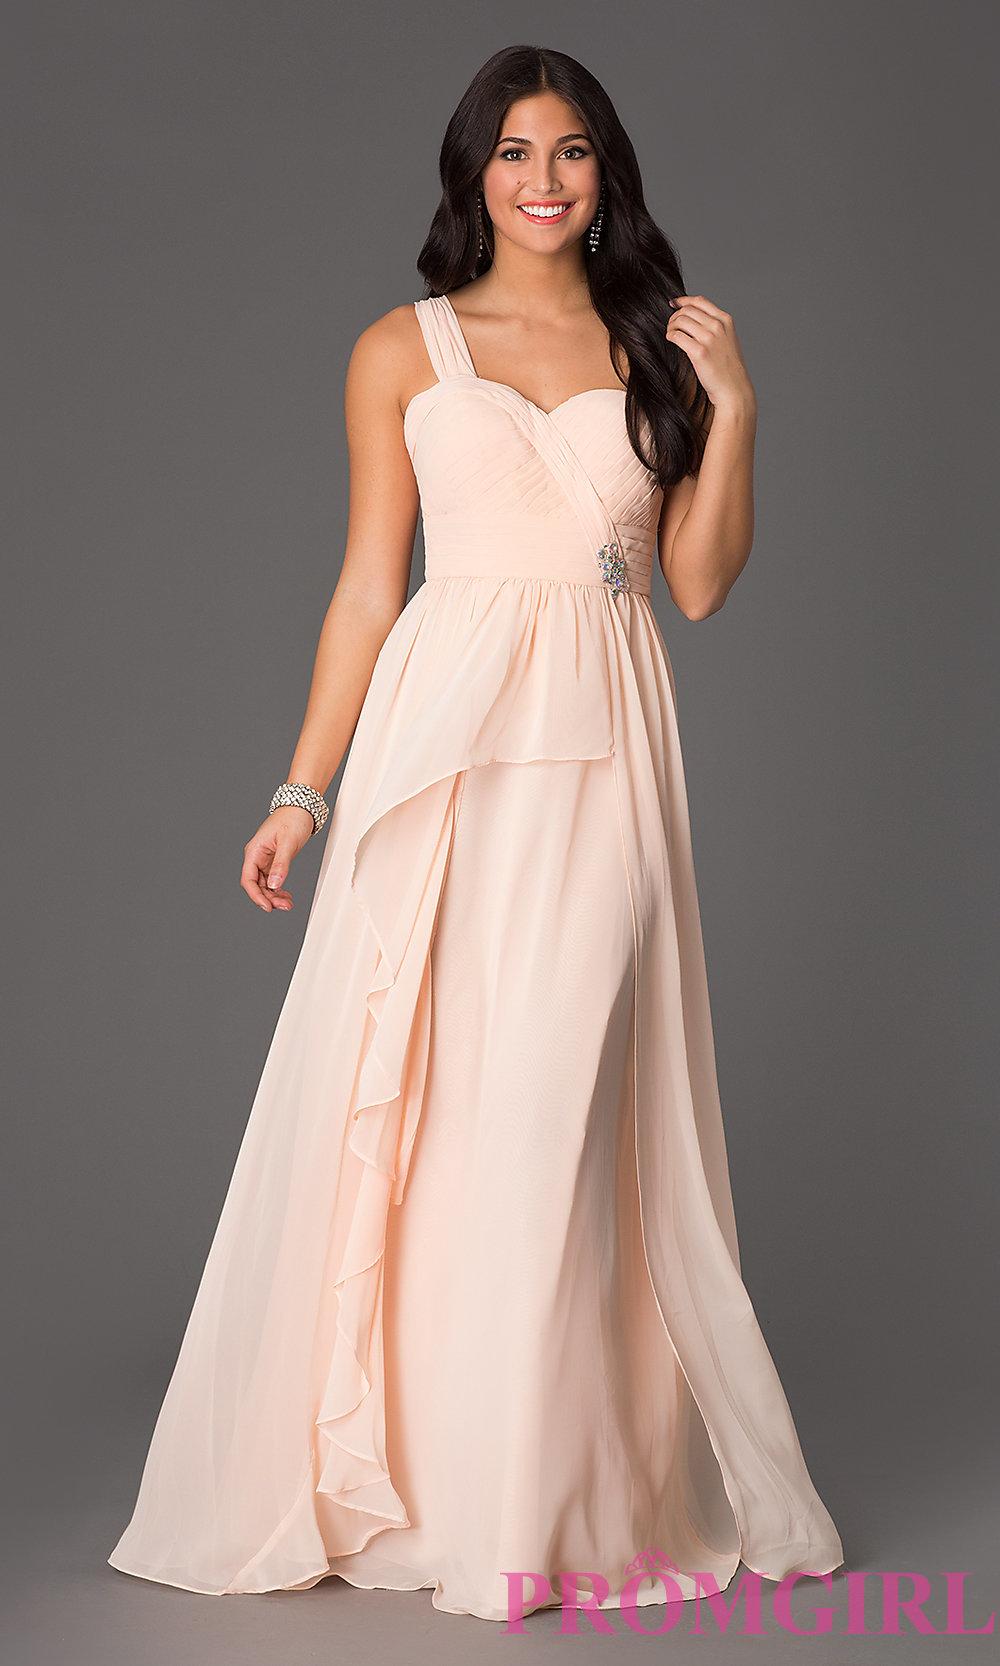 Similar to Zoe Saldana's 2015 Oscar dress // www.brokeandchic.com